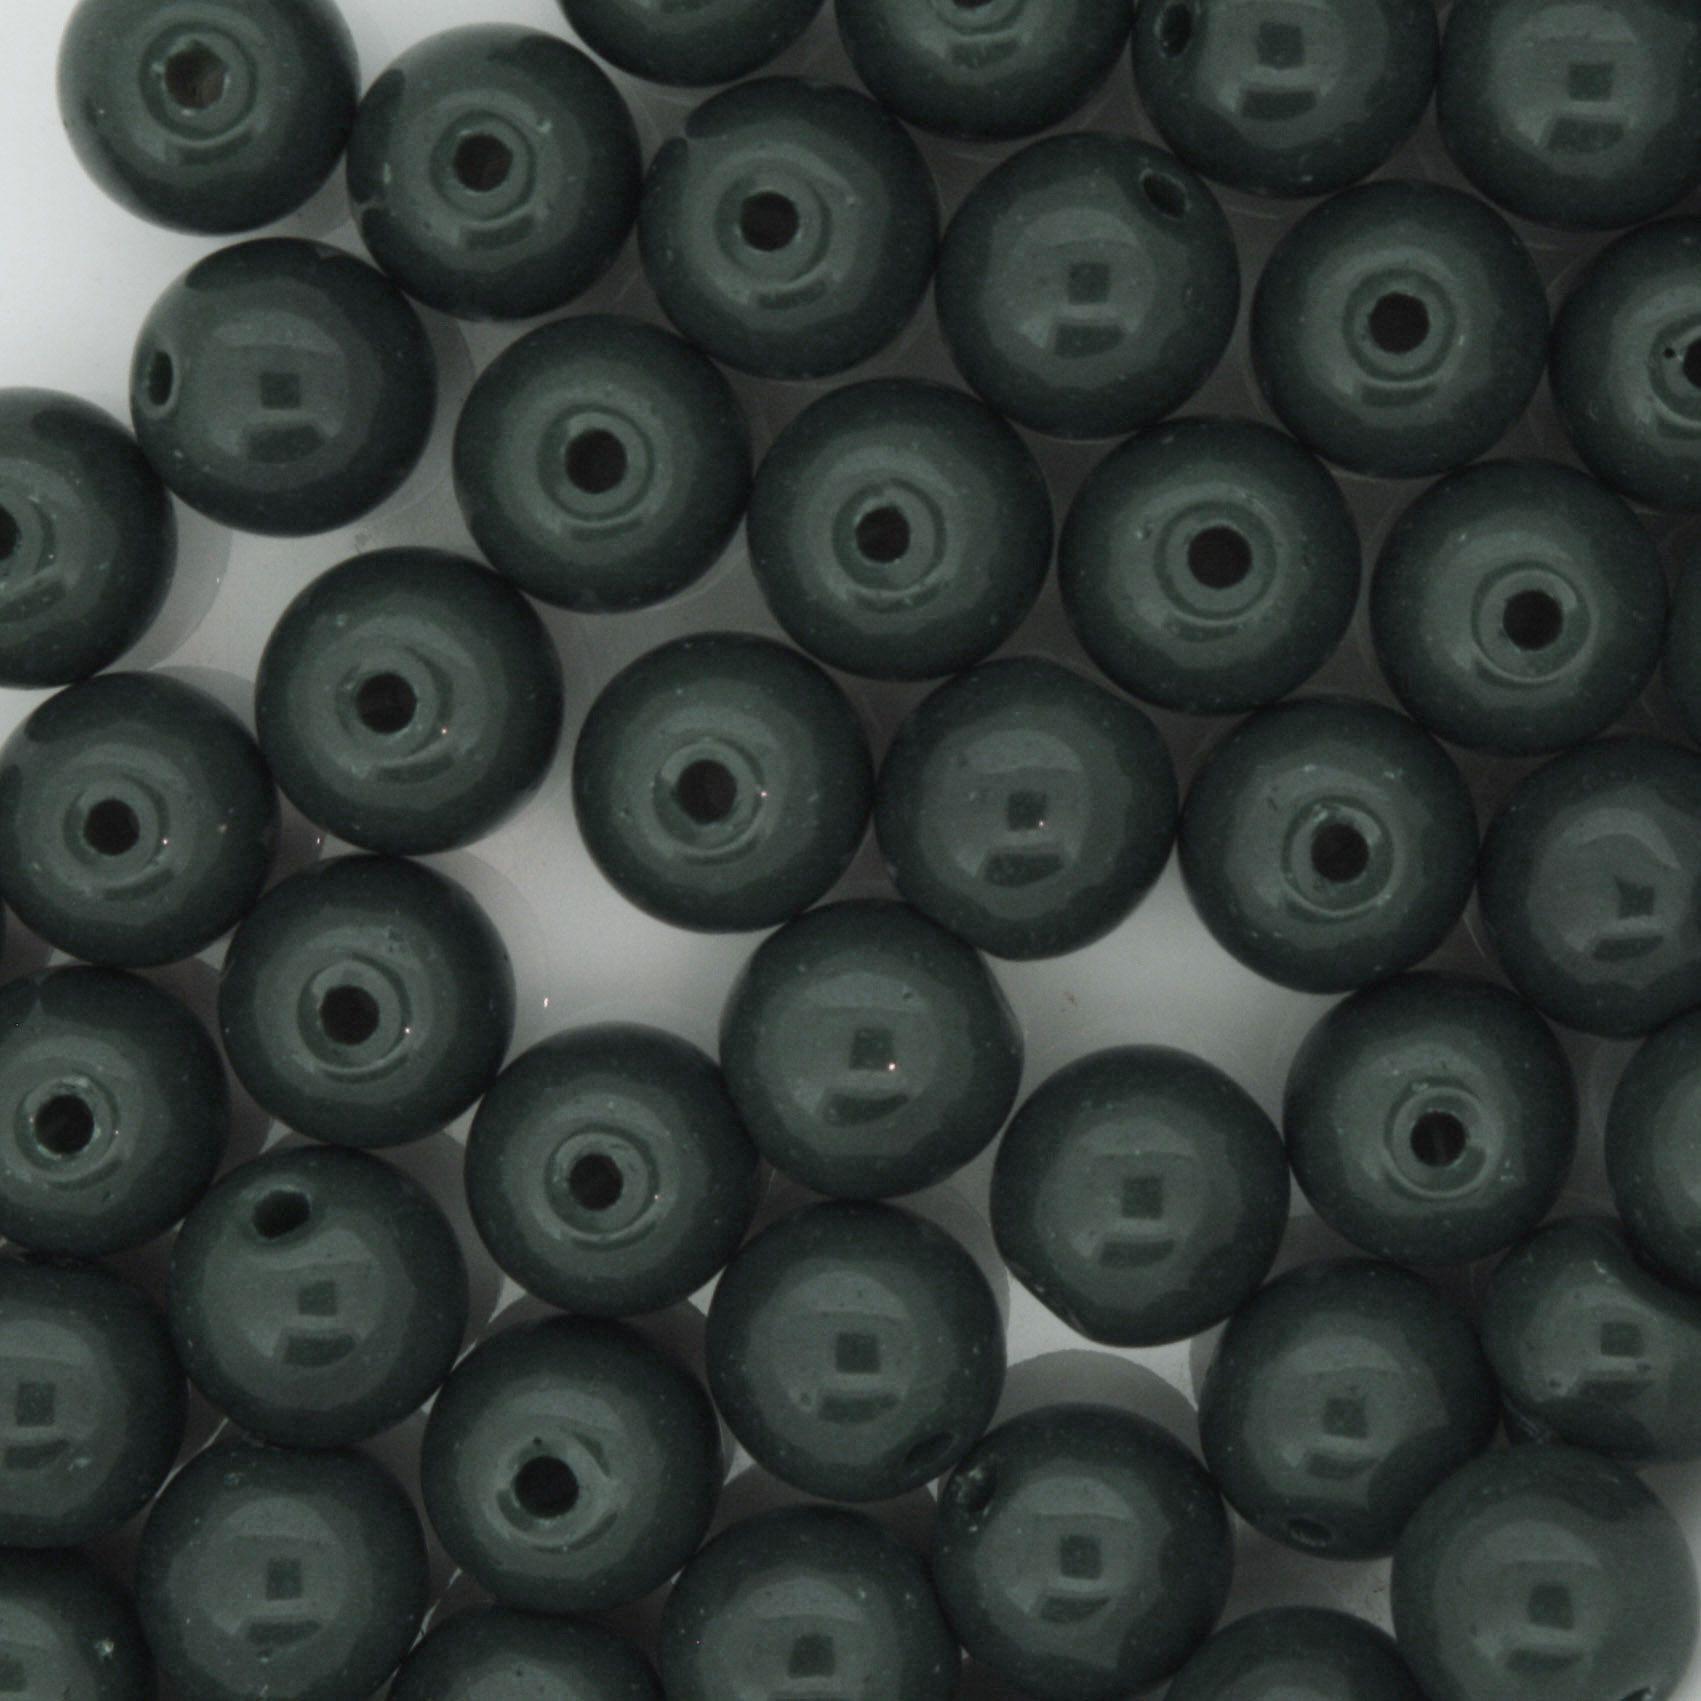 Contas de Porcellana® - Verde Escura - 8mm  - Universo Religioso® - Artigos de Umbanda e Candomblé